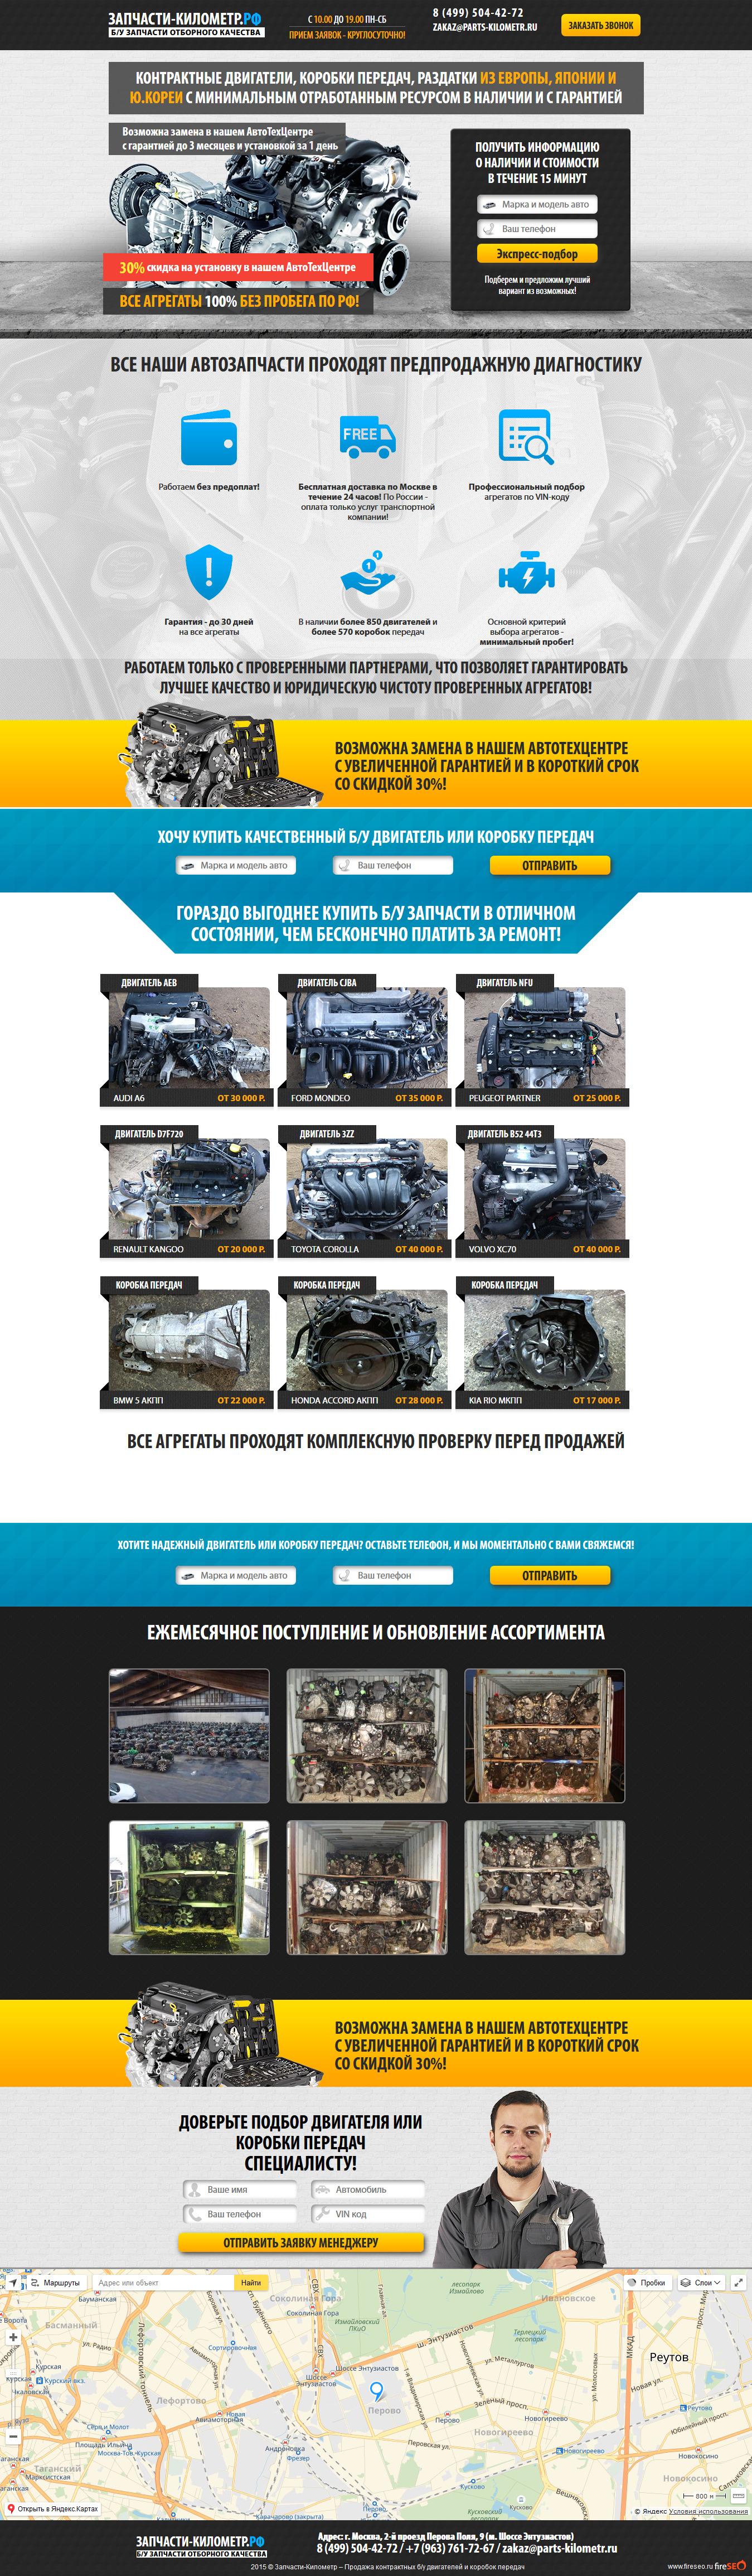 Шаблон лендинга: Контрактные двигатели